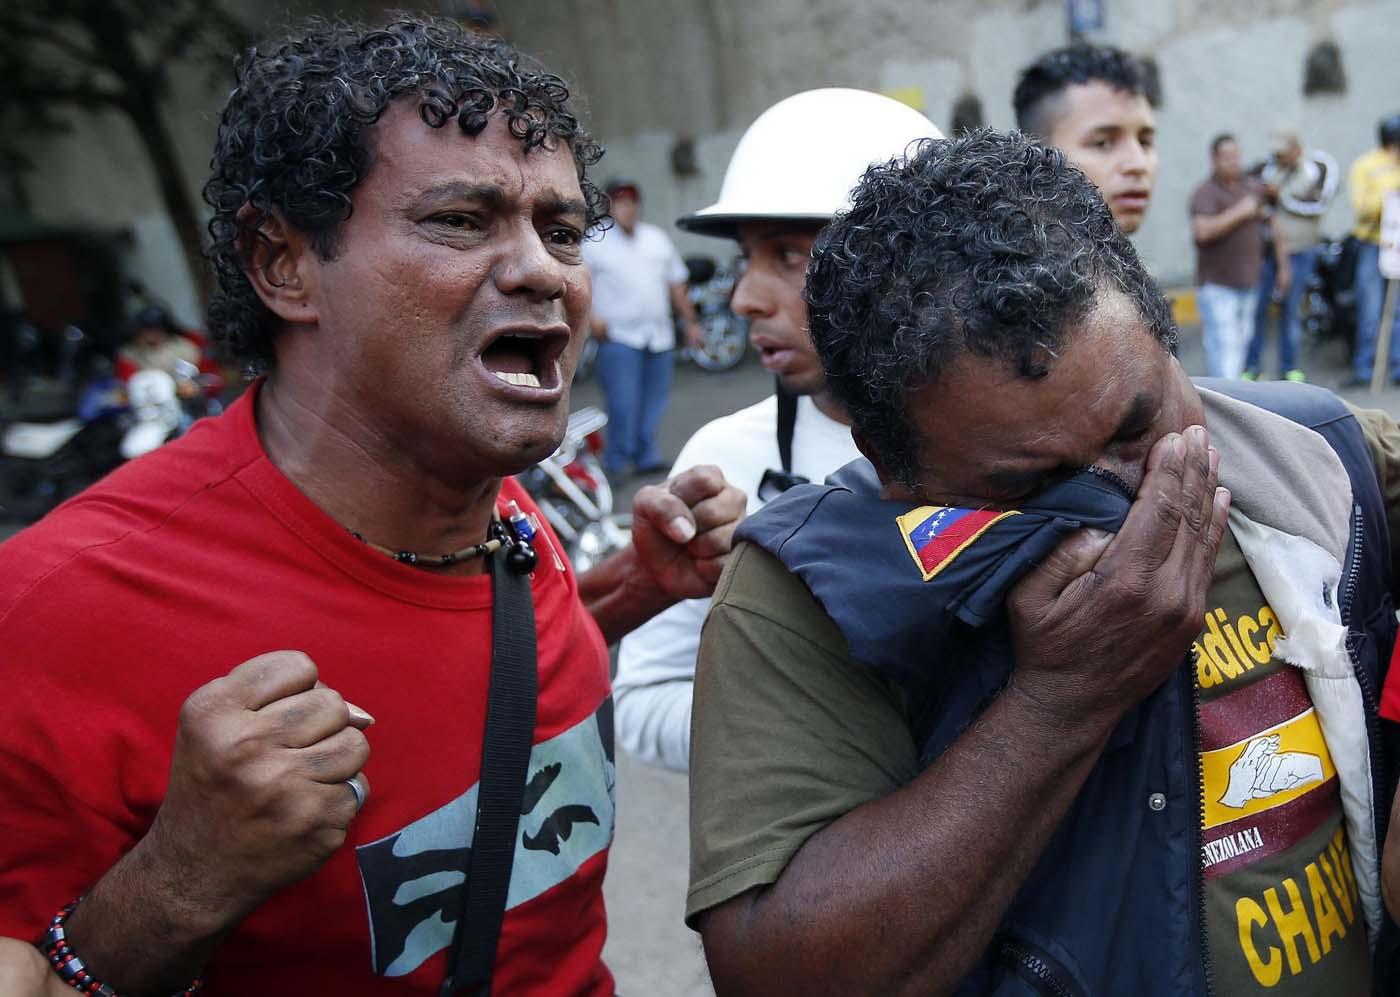 https://www.lapatilla.com/site/wp-content/uploads/2013/03/2013-03-05T230758Z_270502724_GM1E9360JQG01_RTRMADP_3_VENEZUELA-CHAVEZ.jpg?x71671